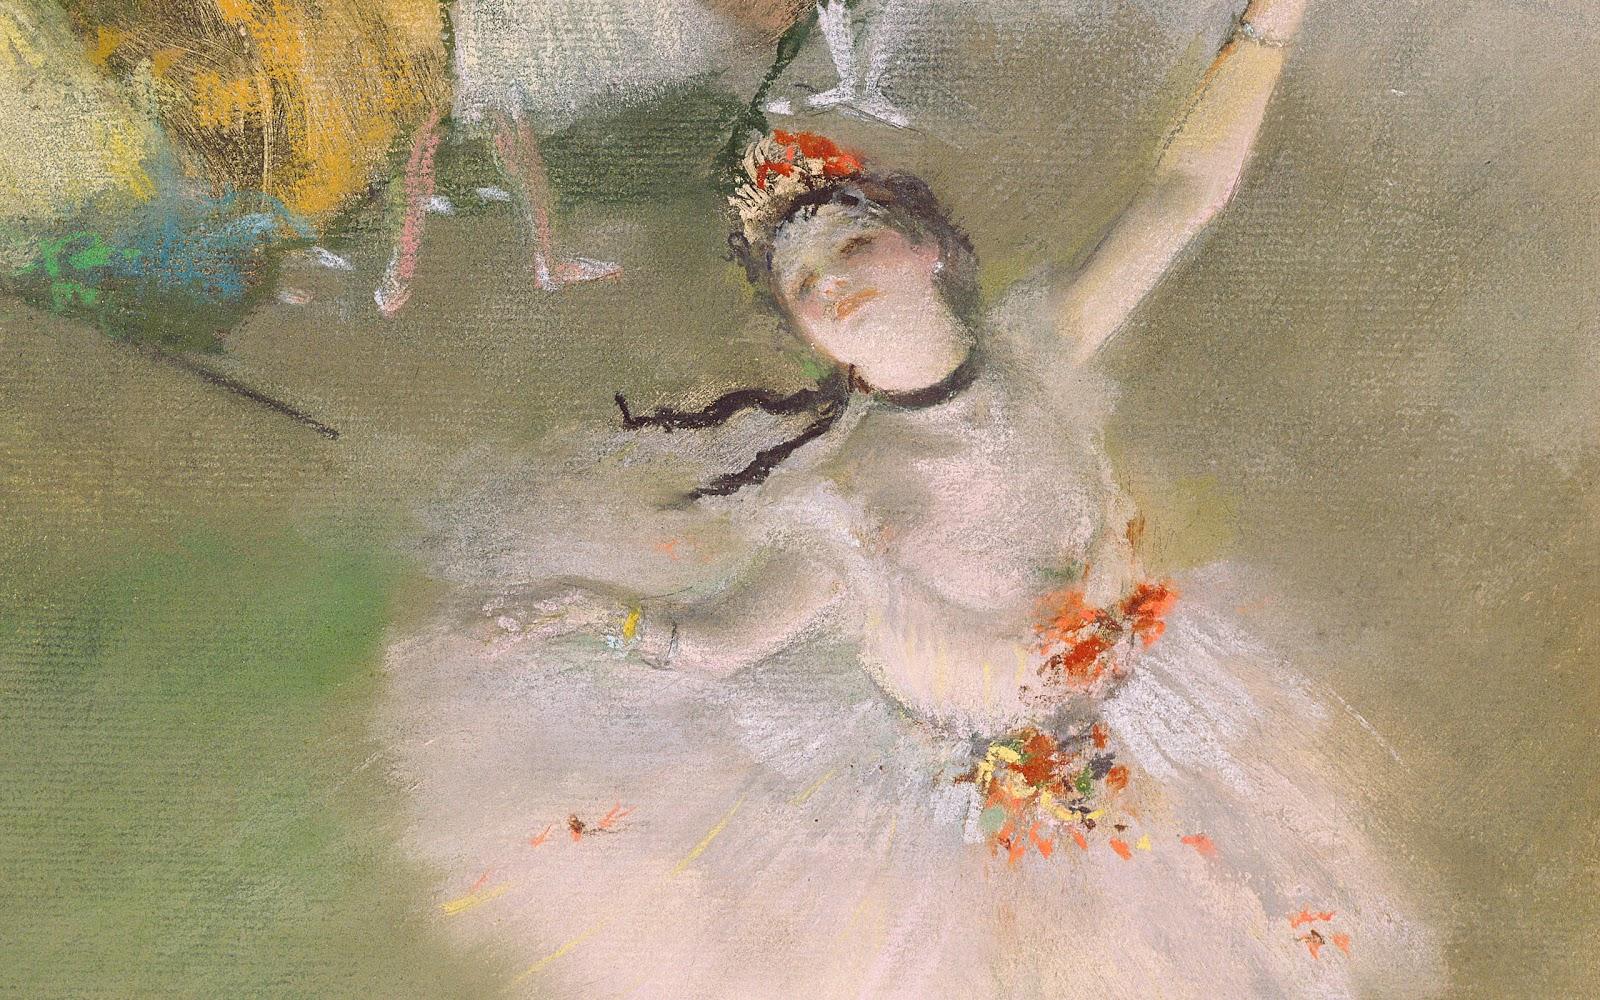 http://4.bp.blogspot.com/-Mh3ZzwatQtU/ULk_vMRvawI/AAAAAAAAI6w/43xUiXtnBUU/s1600/Edgar-Degas-Wallpaper.jpg